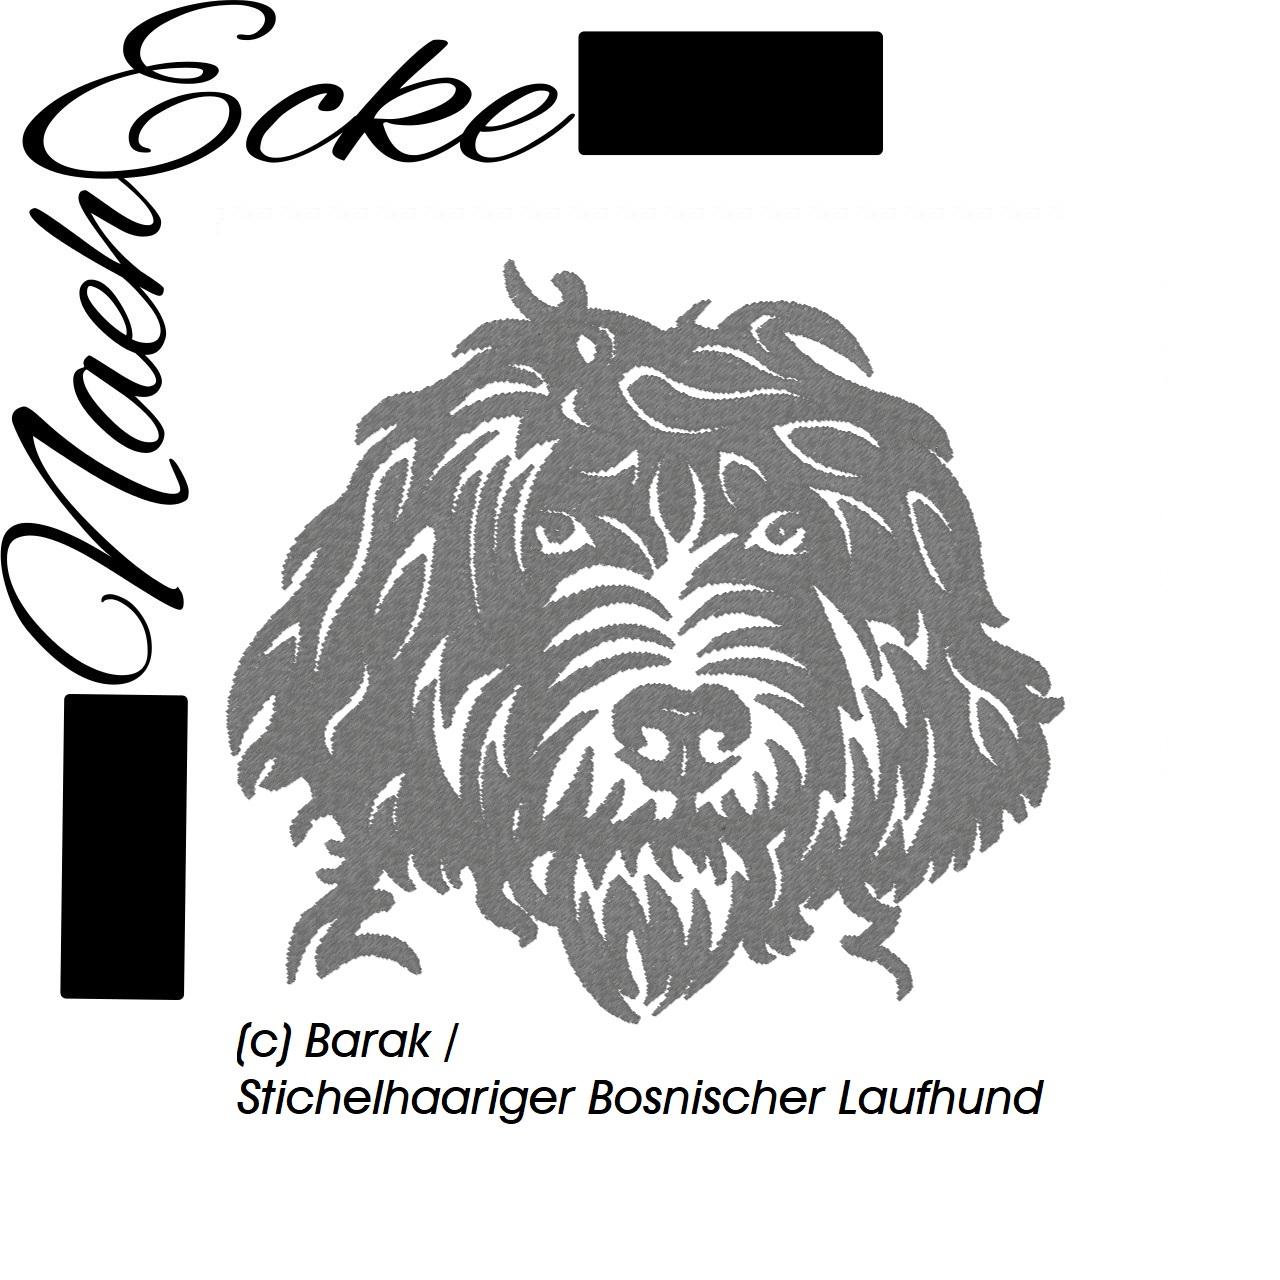 Barak / Stichelhaariger Bosnischer Laufhund